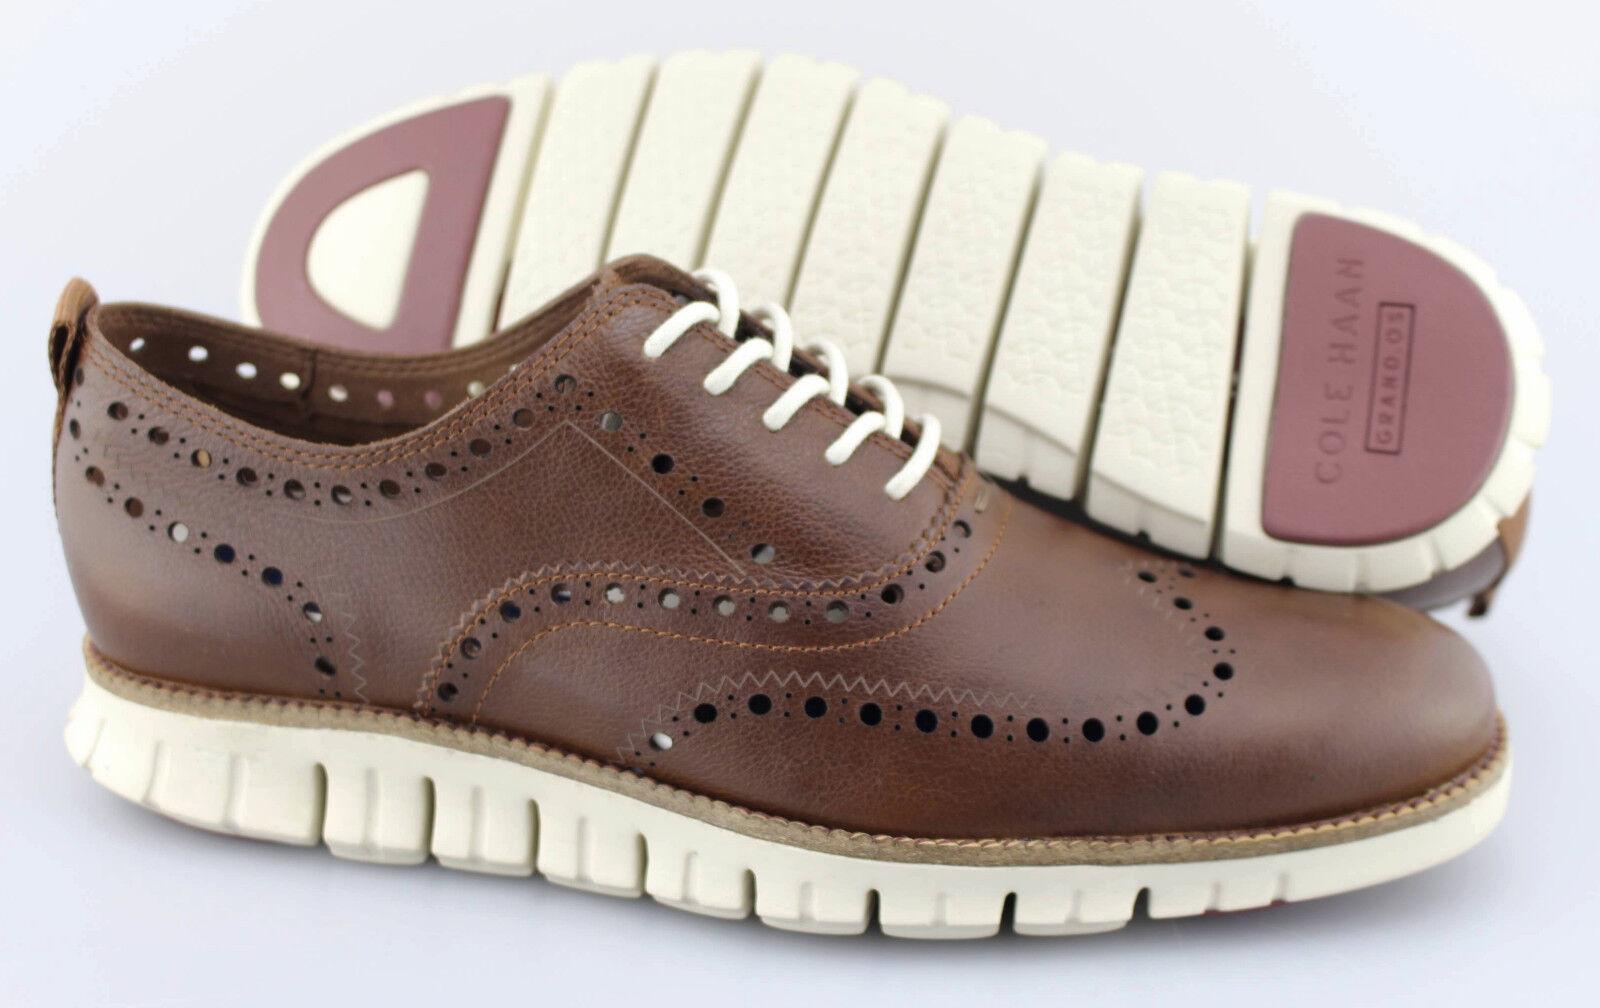 Men's COLE HAAN 'ZeroGrand Open II' Brown Leather Wingtip Oxfords US 9.5 - D